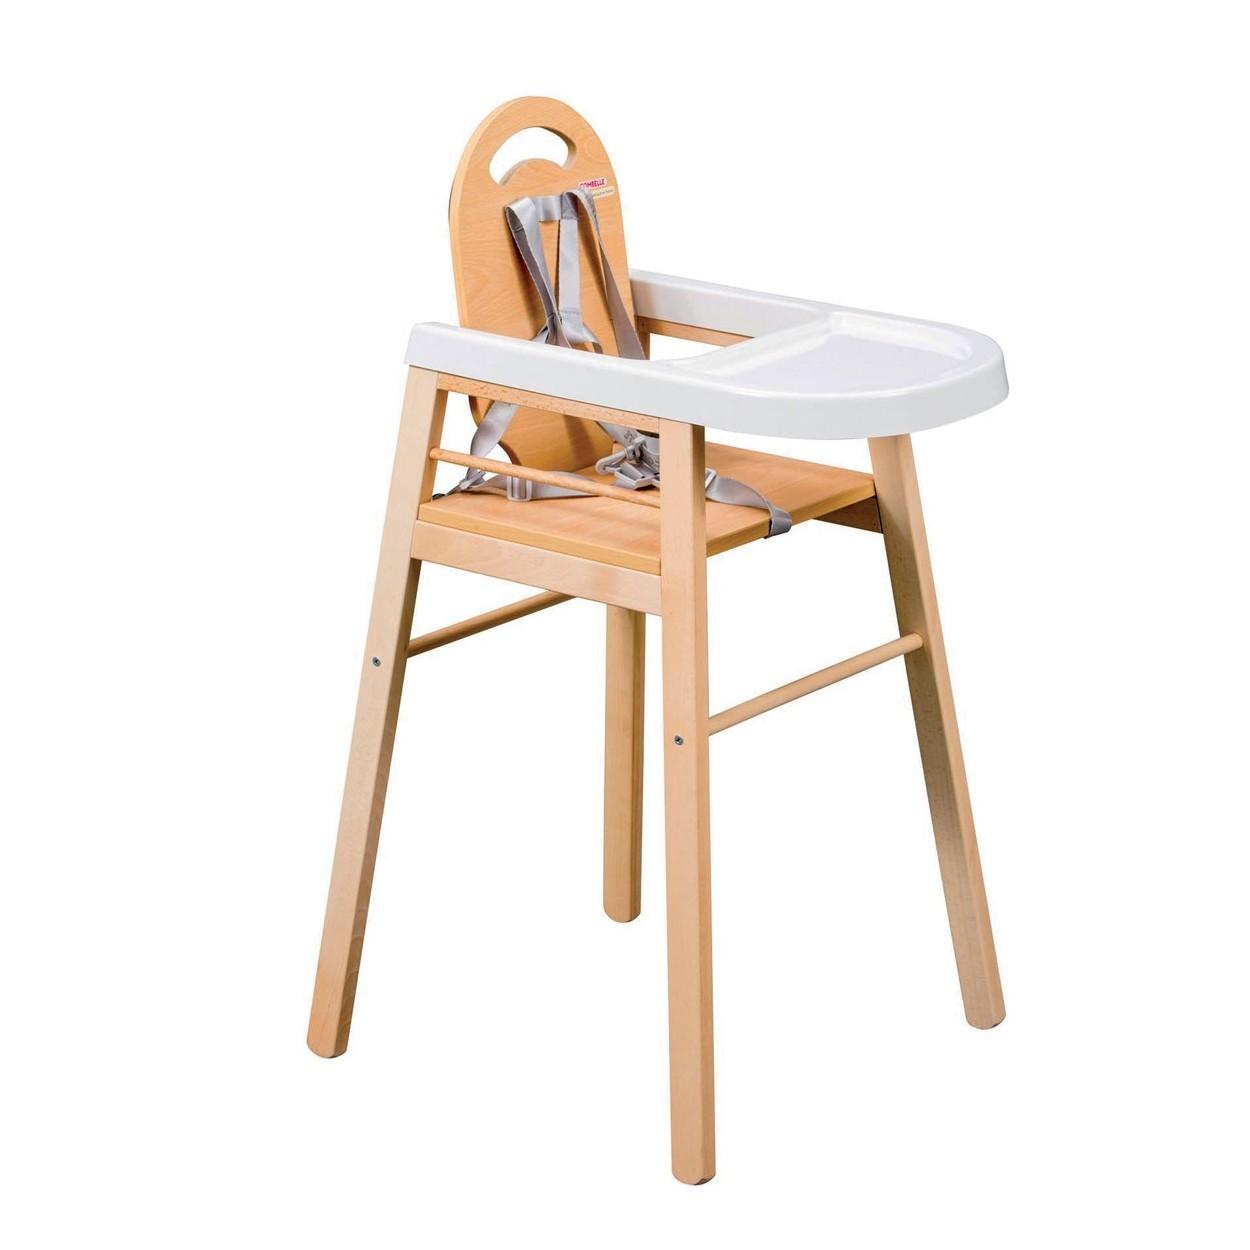 Chaise haute bébé  vernis naturel - 52x96 cm